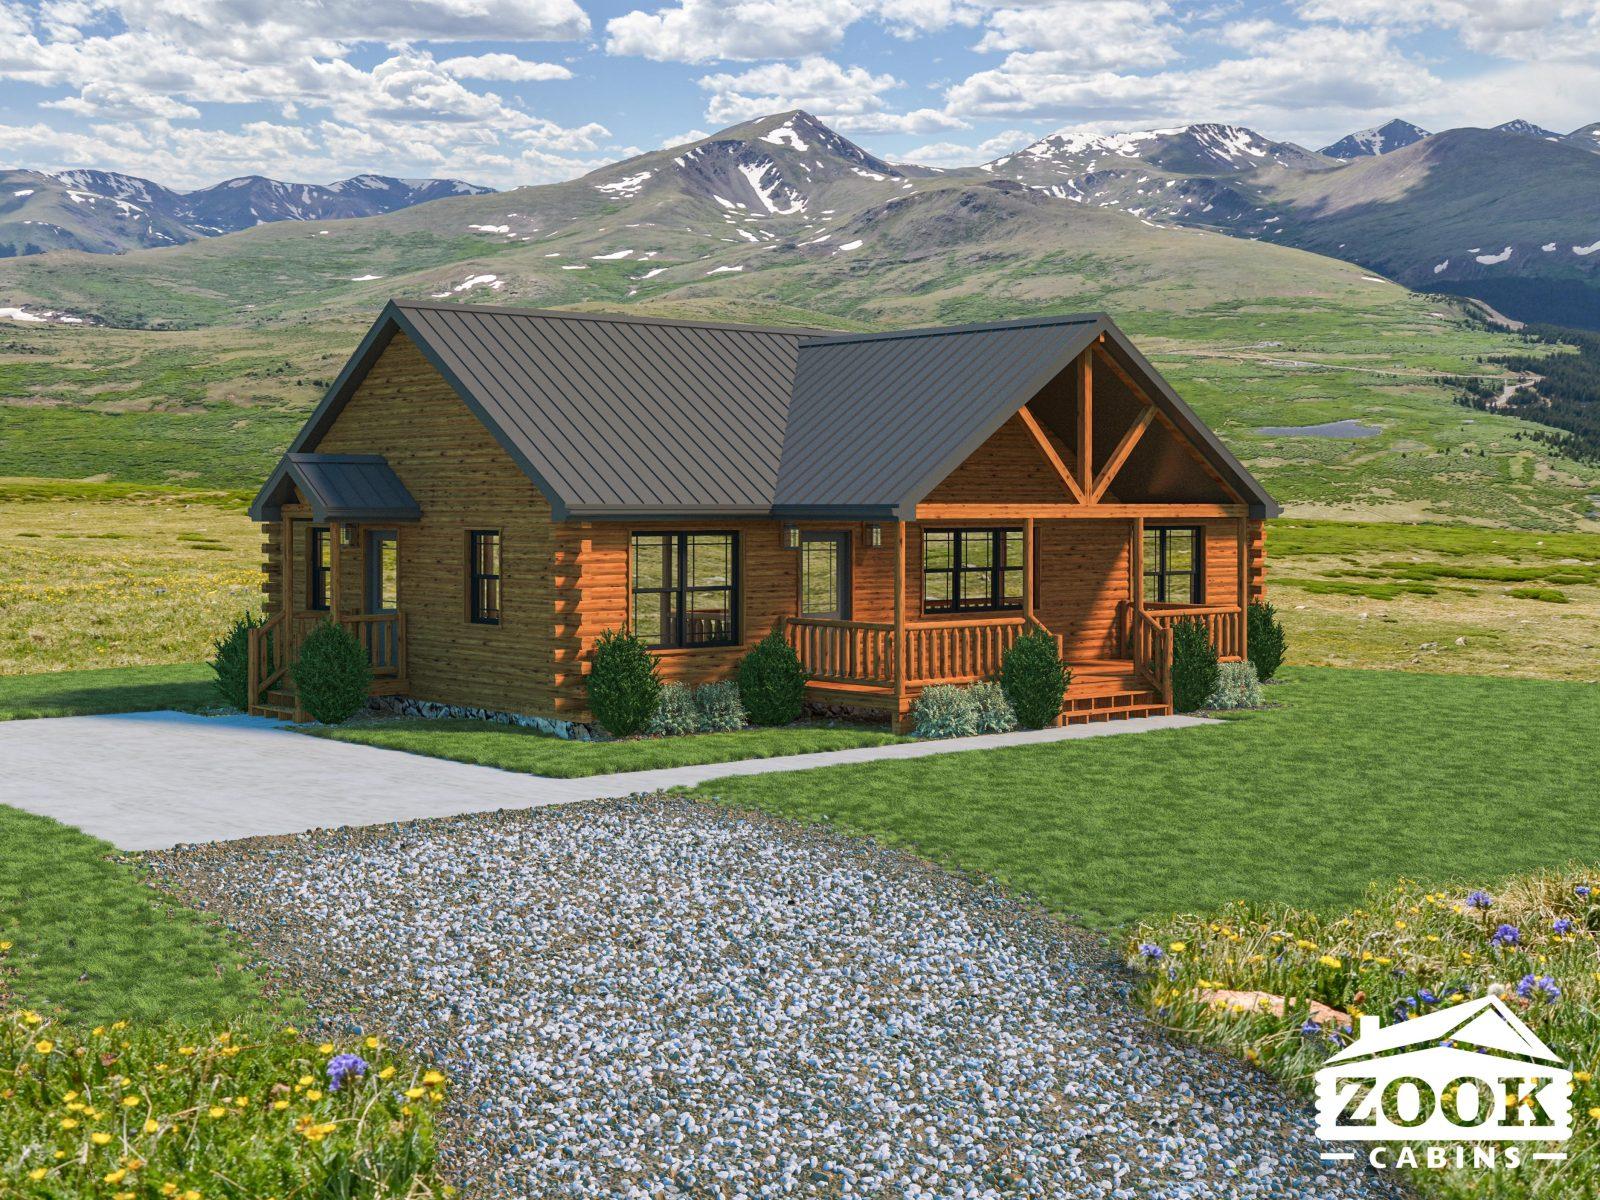 Sunset Ridge Modular Log Cabin Home in Wyoming